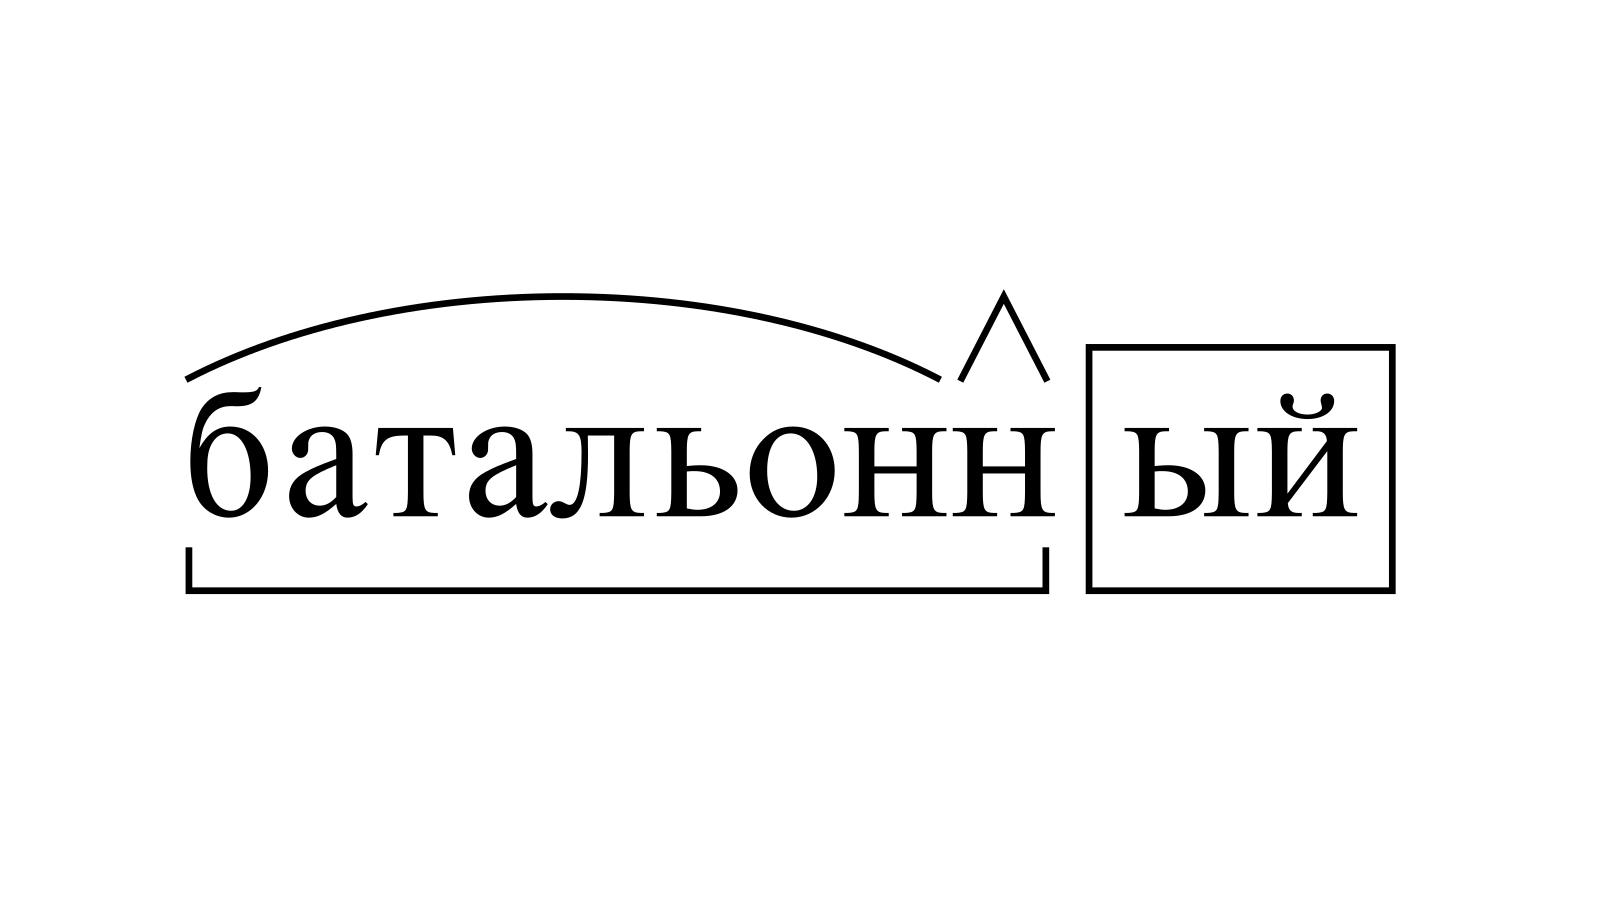 Разбор слова «батальонный» по составу